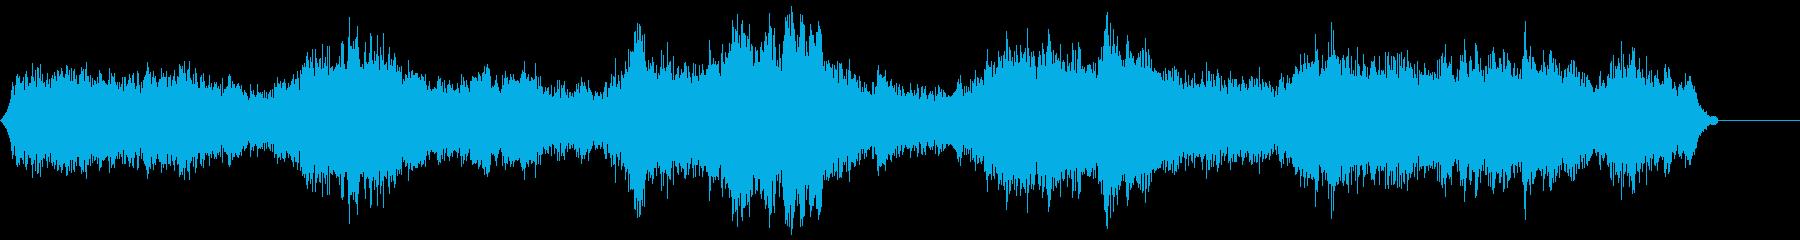 ゾンビ(グループ)うめき声4の再生済みの波形